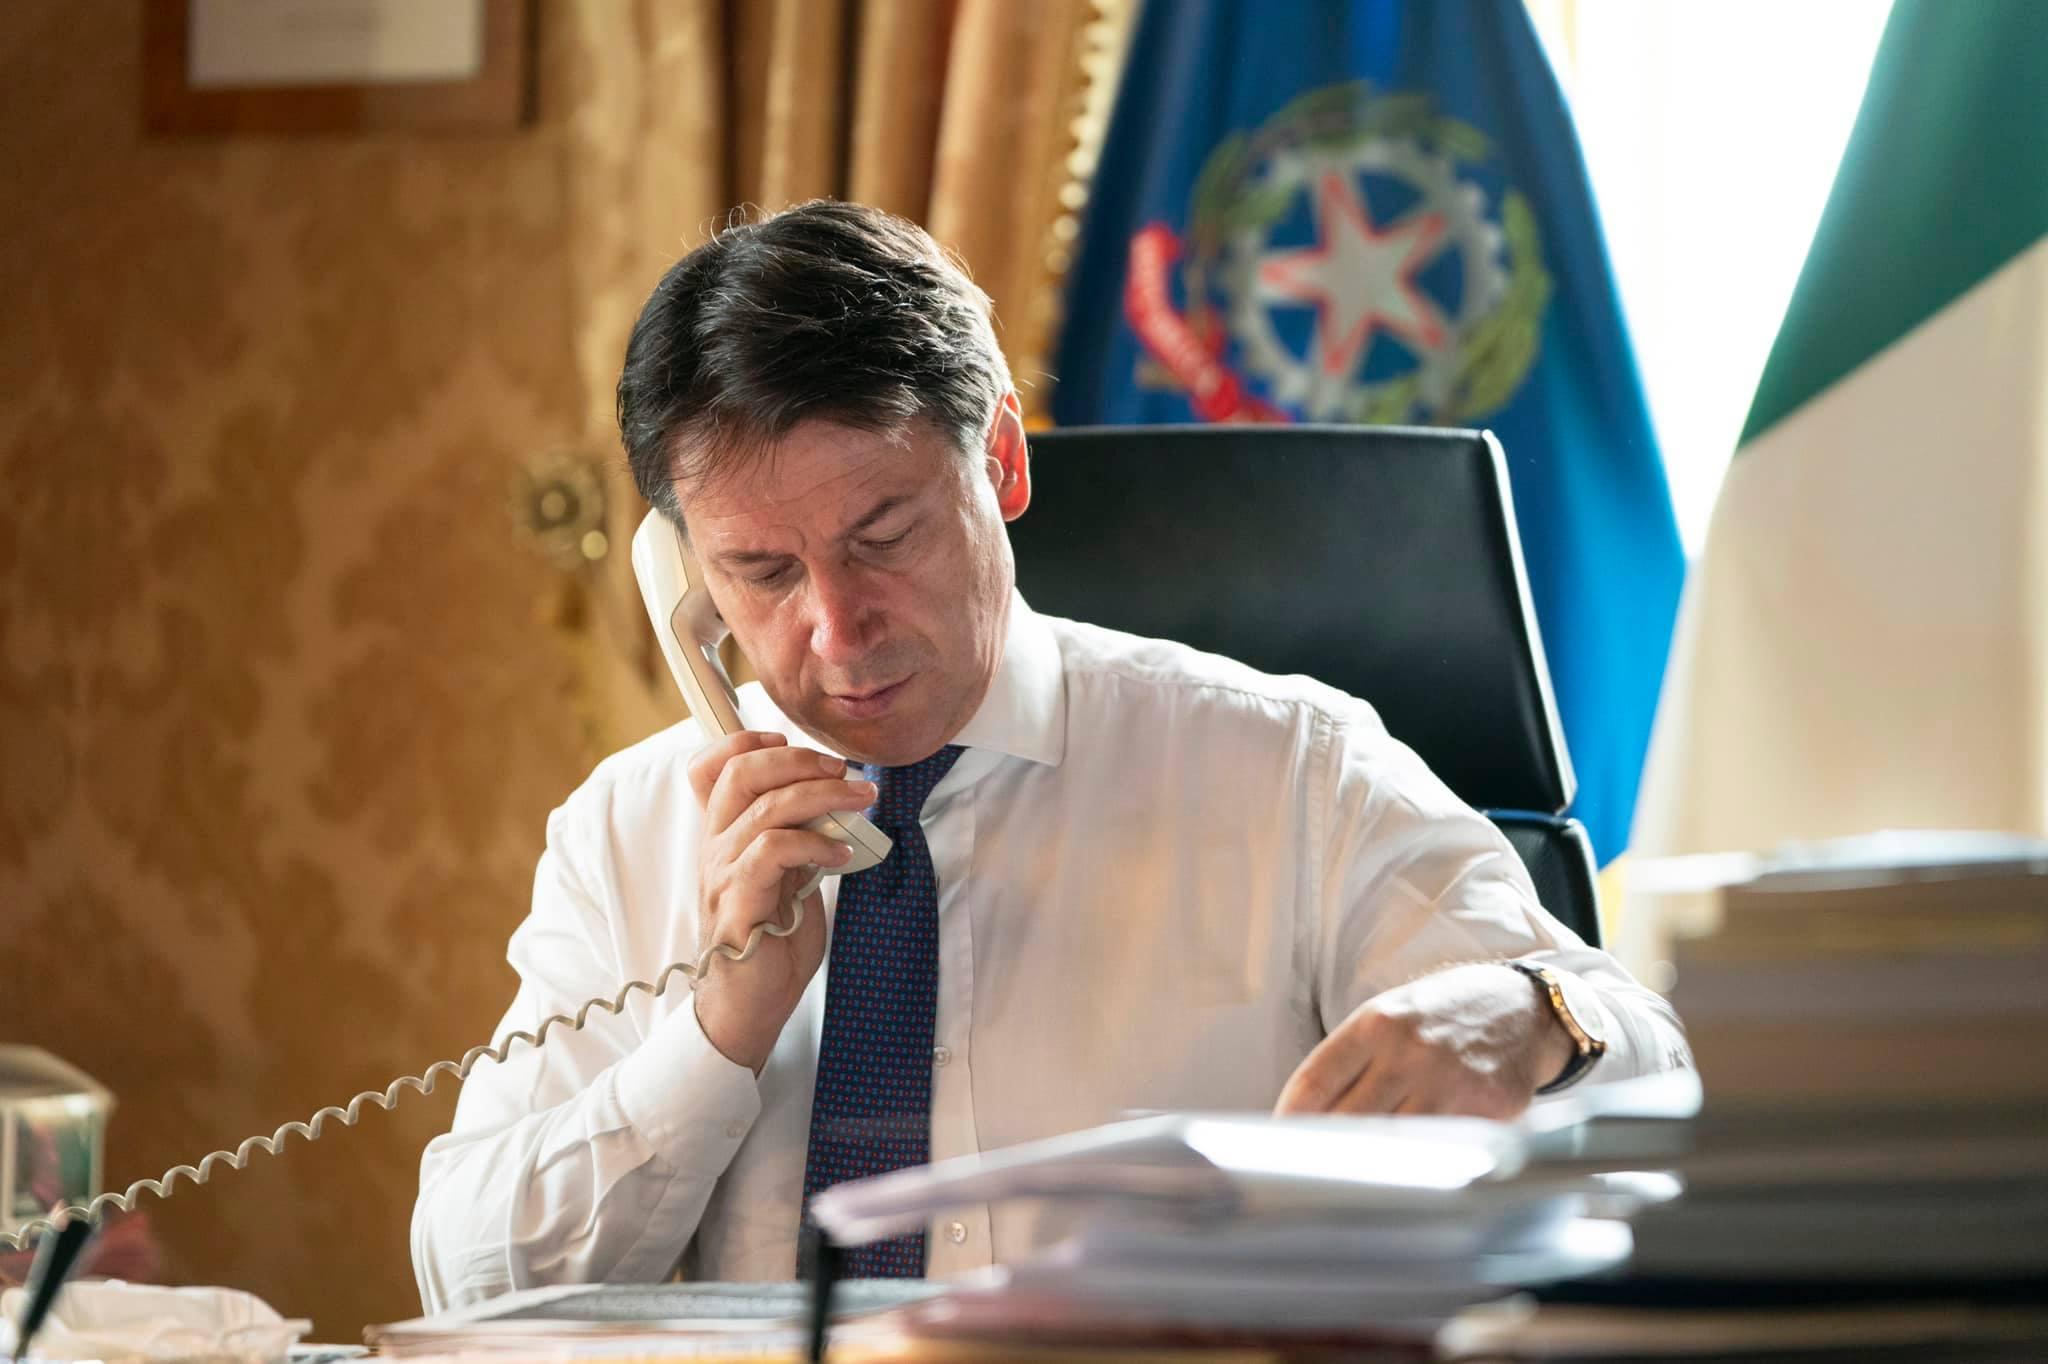 Mes, la Francia metterà le mani sull'economia italiana?